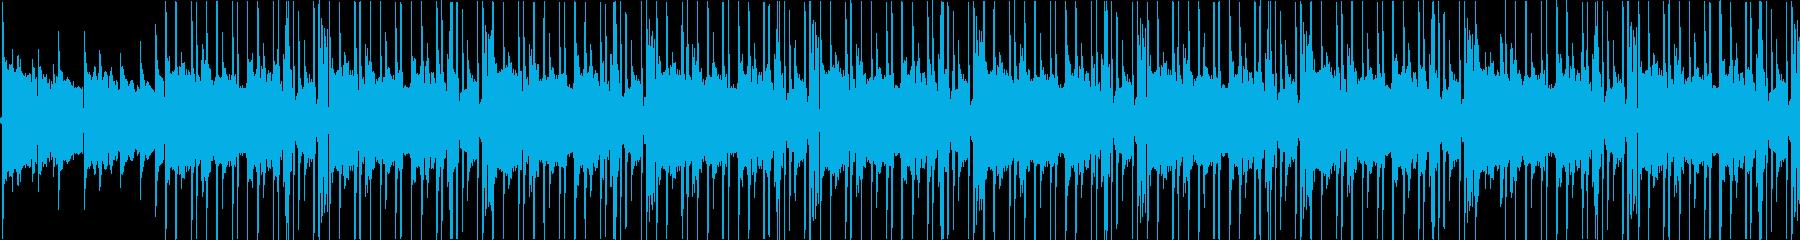 朝/LoFi/チルアウト/ヒップホップの再生済みの波形